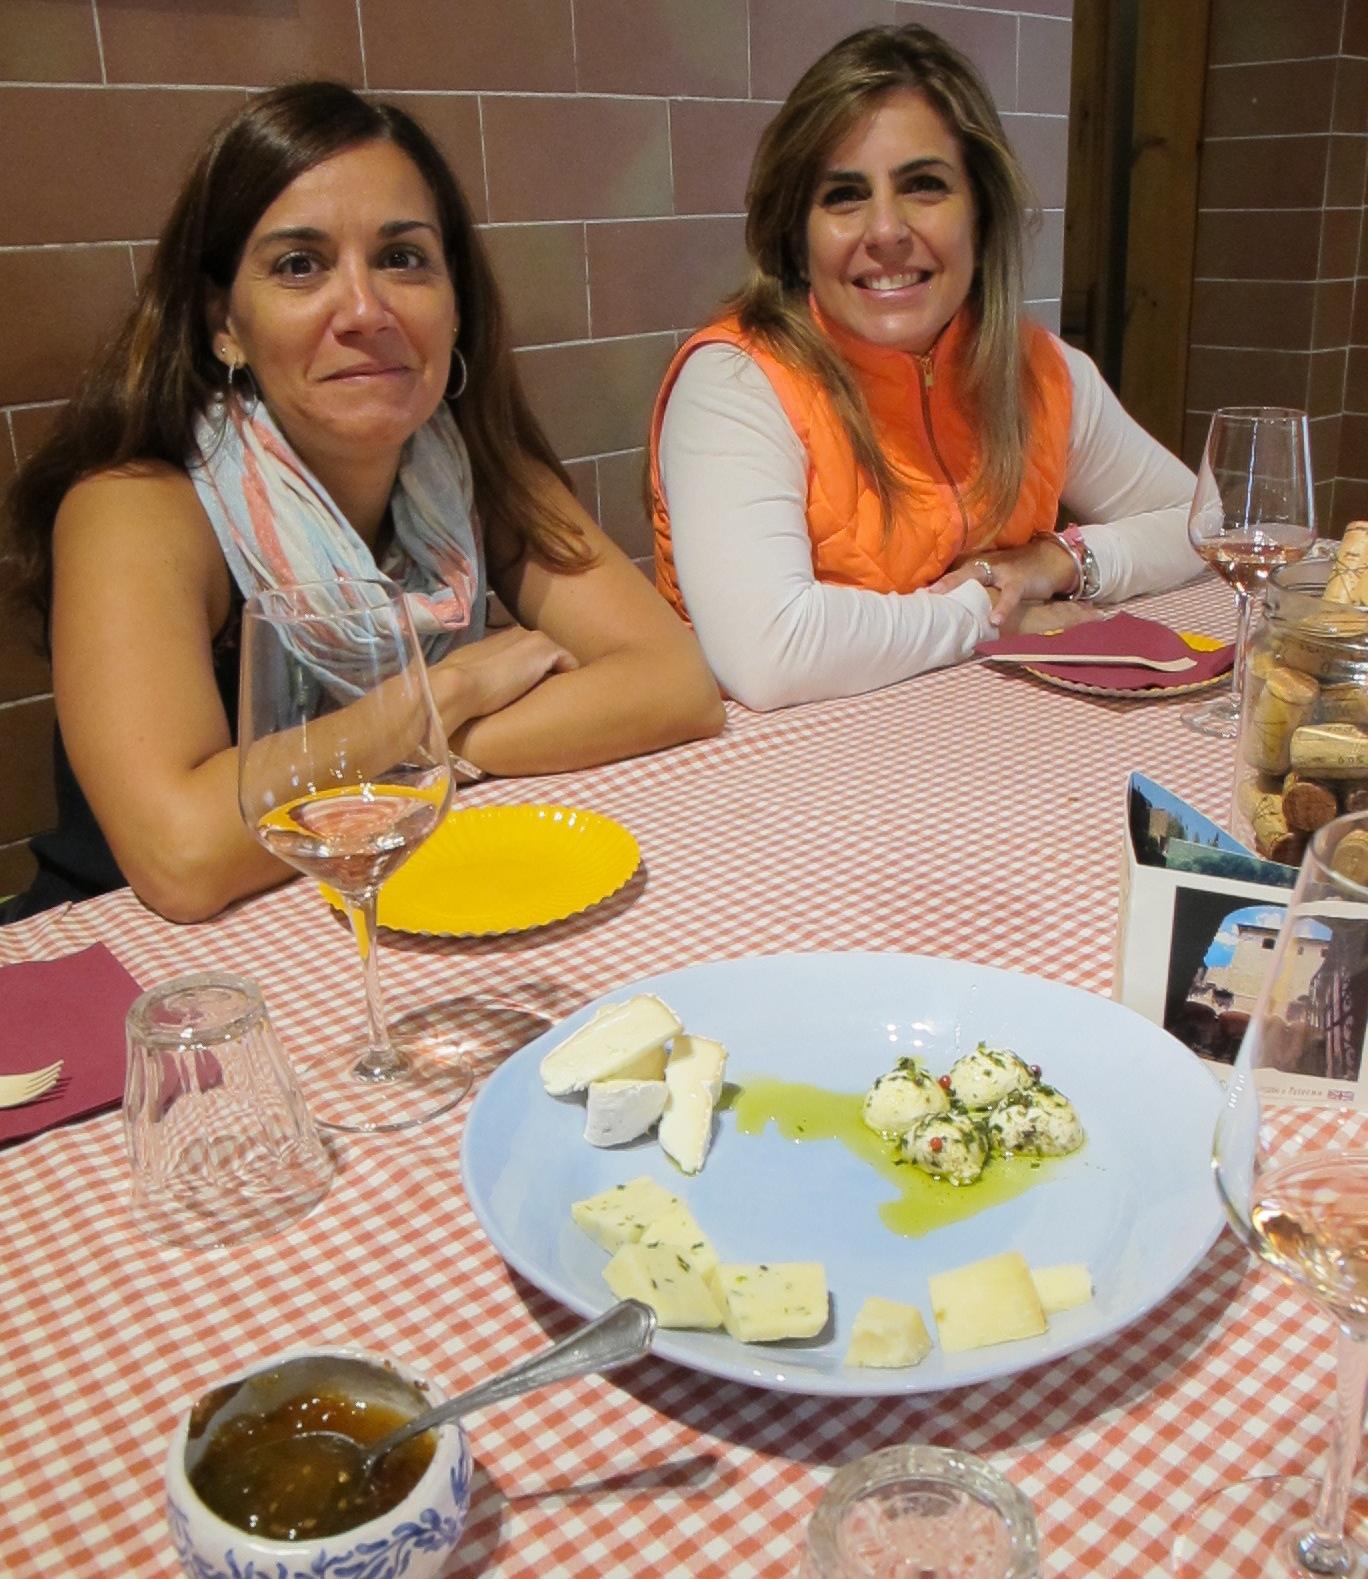 Participando de una degustación de vinos y quesos en Corzano e Paterno. Foto: Marco Dettling.